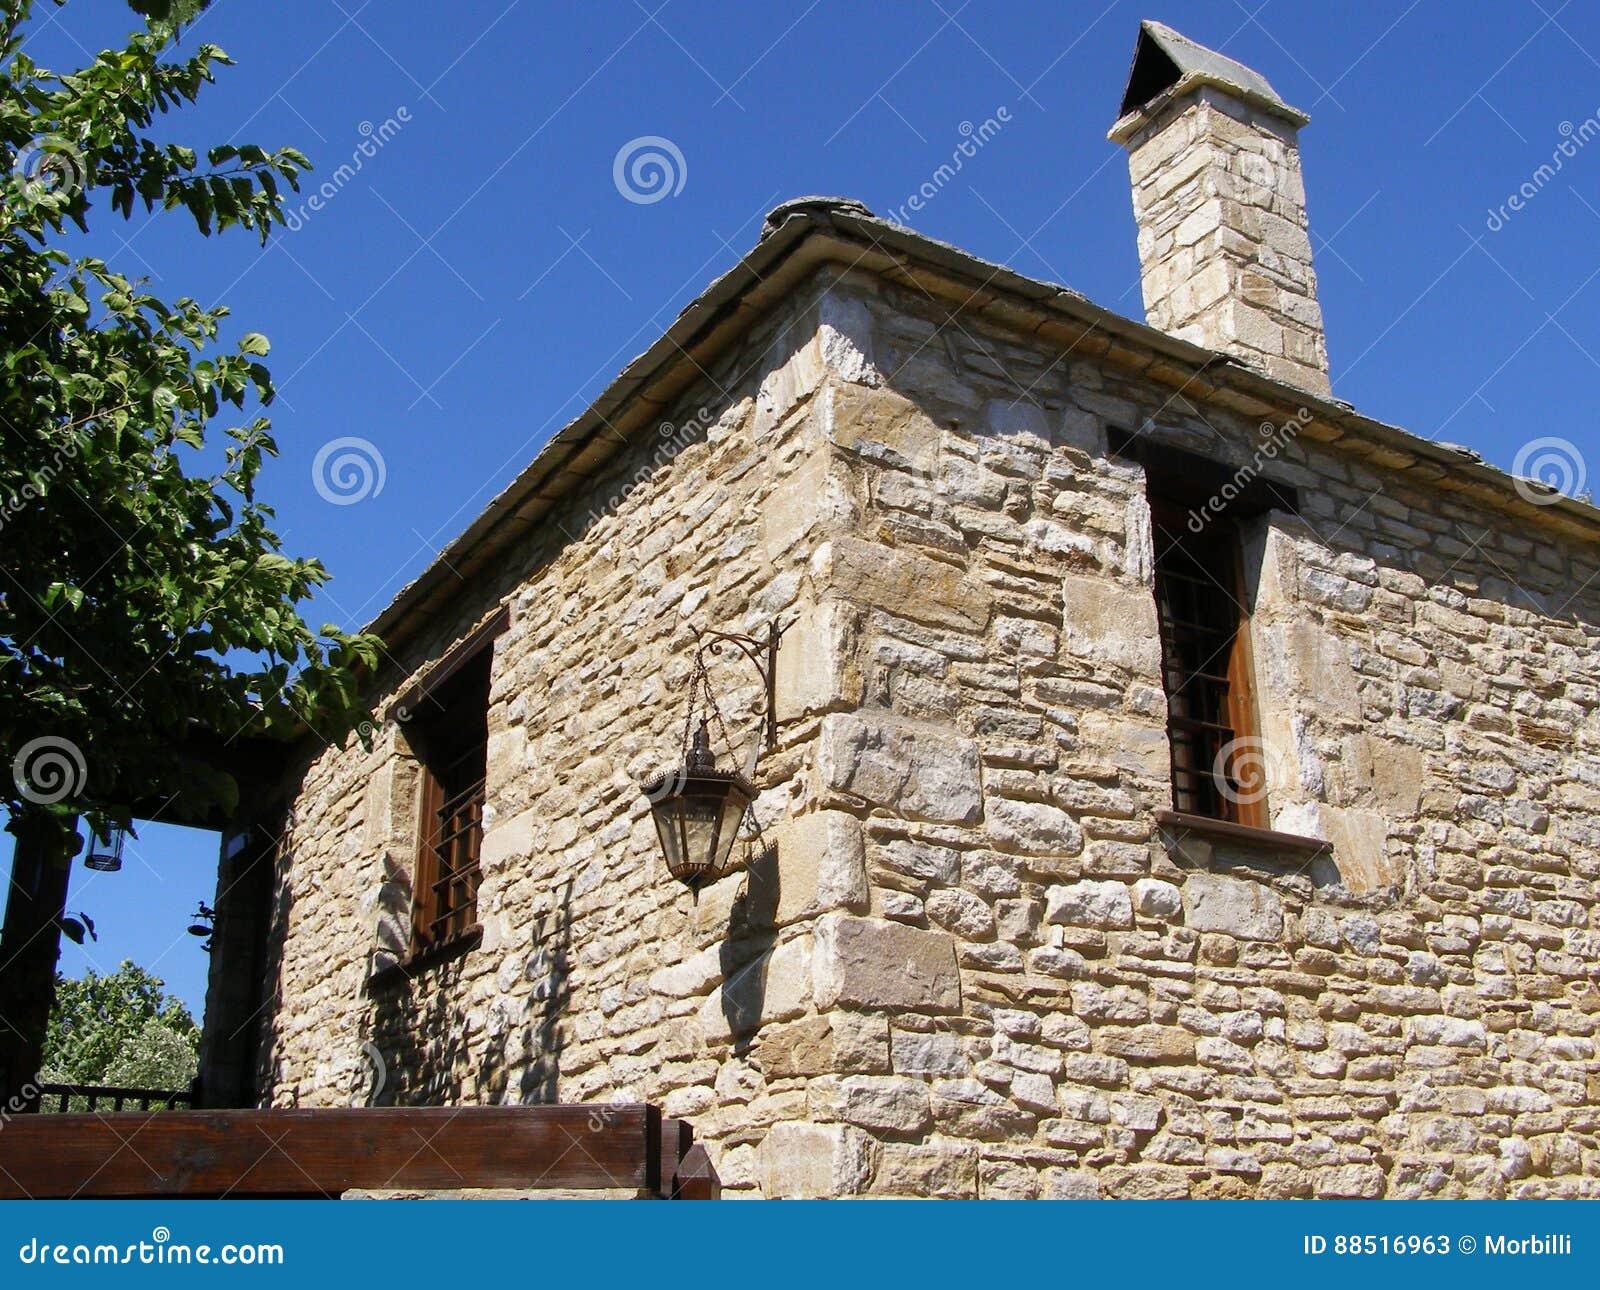 Ein Steinhaus stockbild. Bild von klein, stein, blau - 88516963